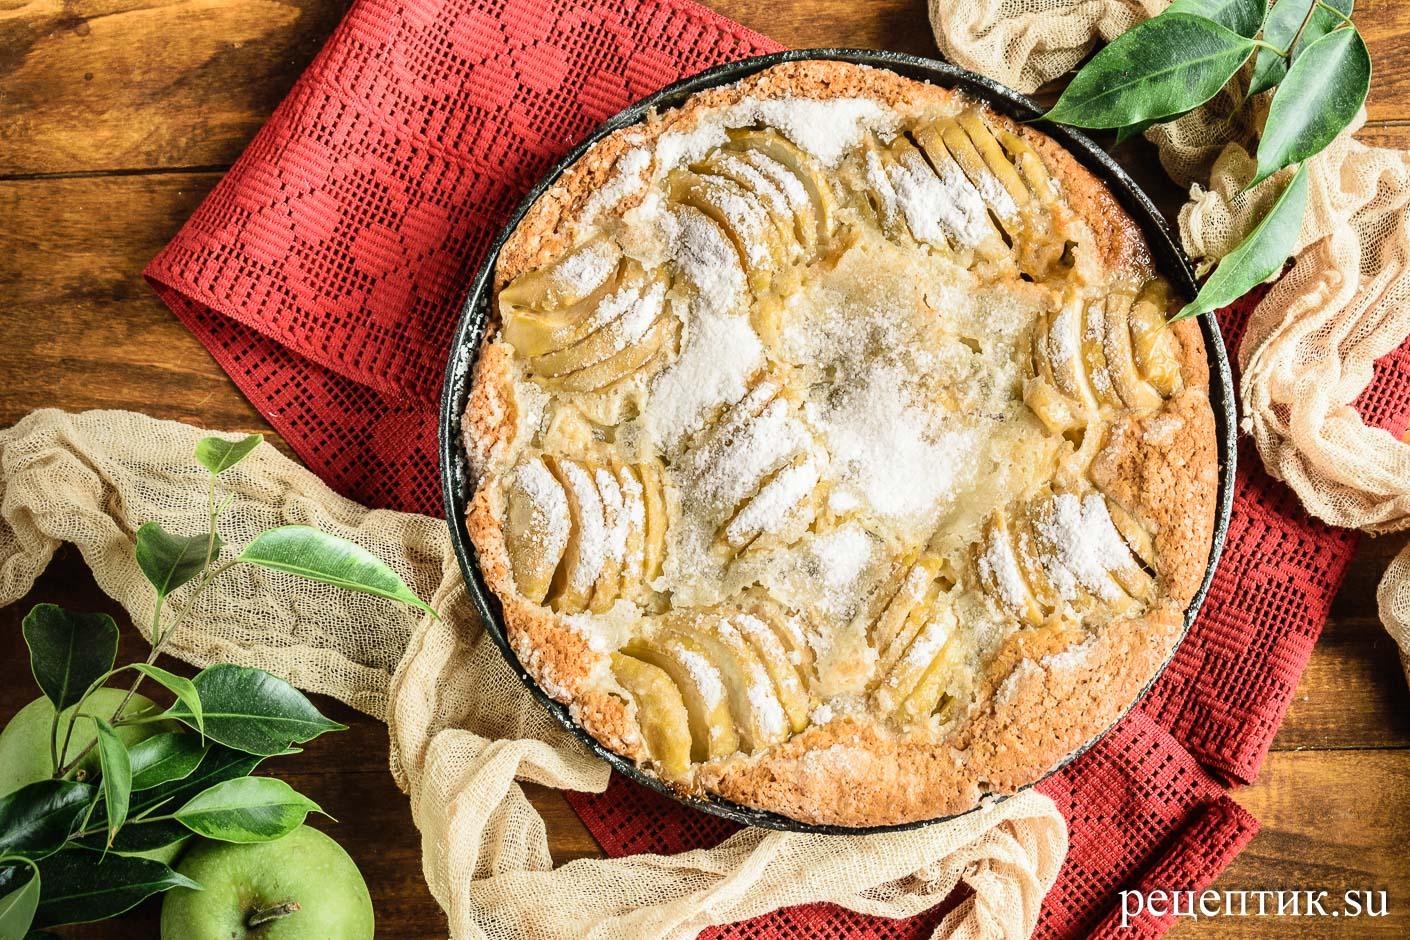 Яблочный кекс - рецепт с фото, результат